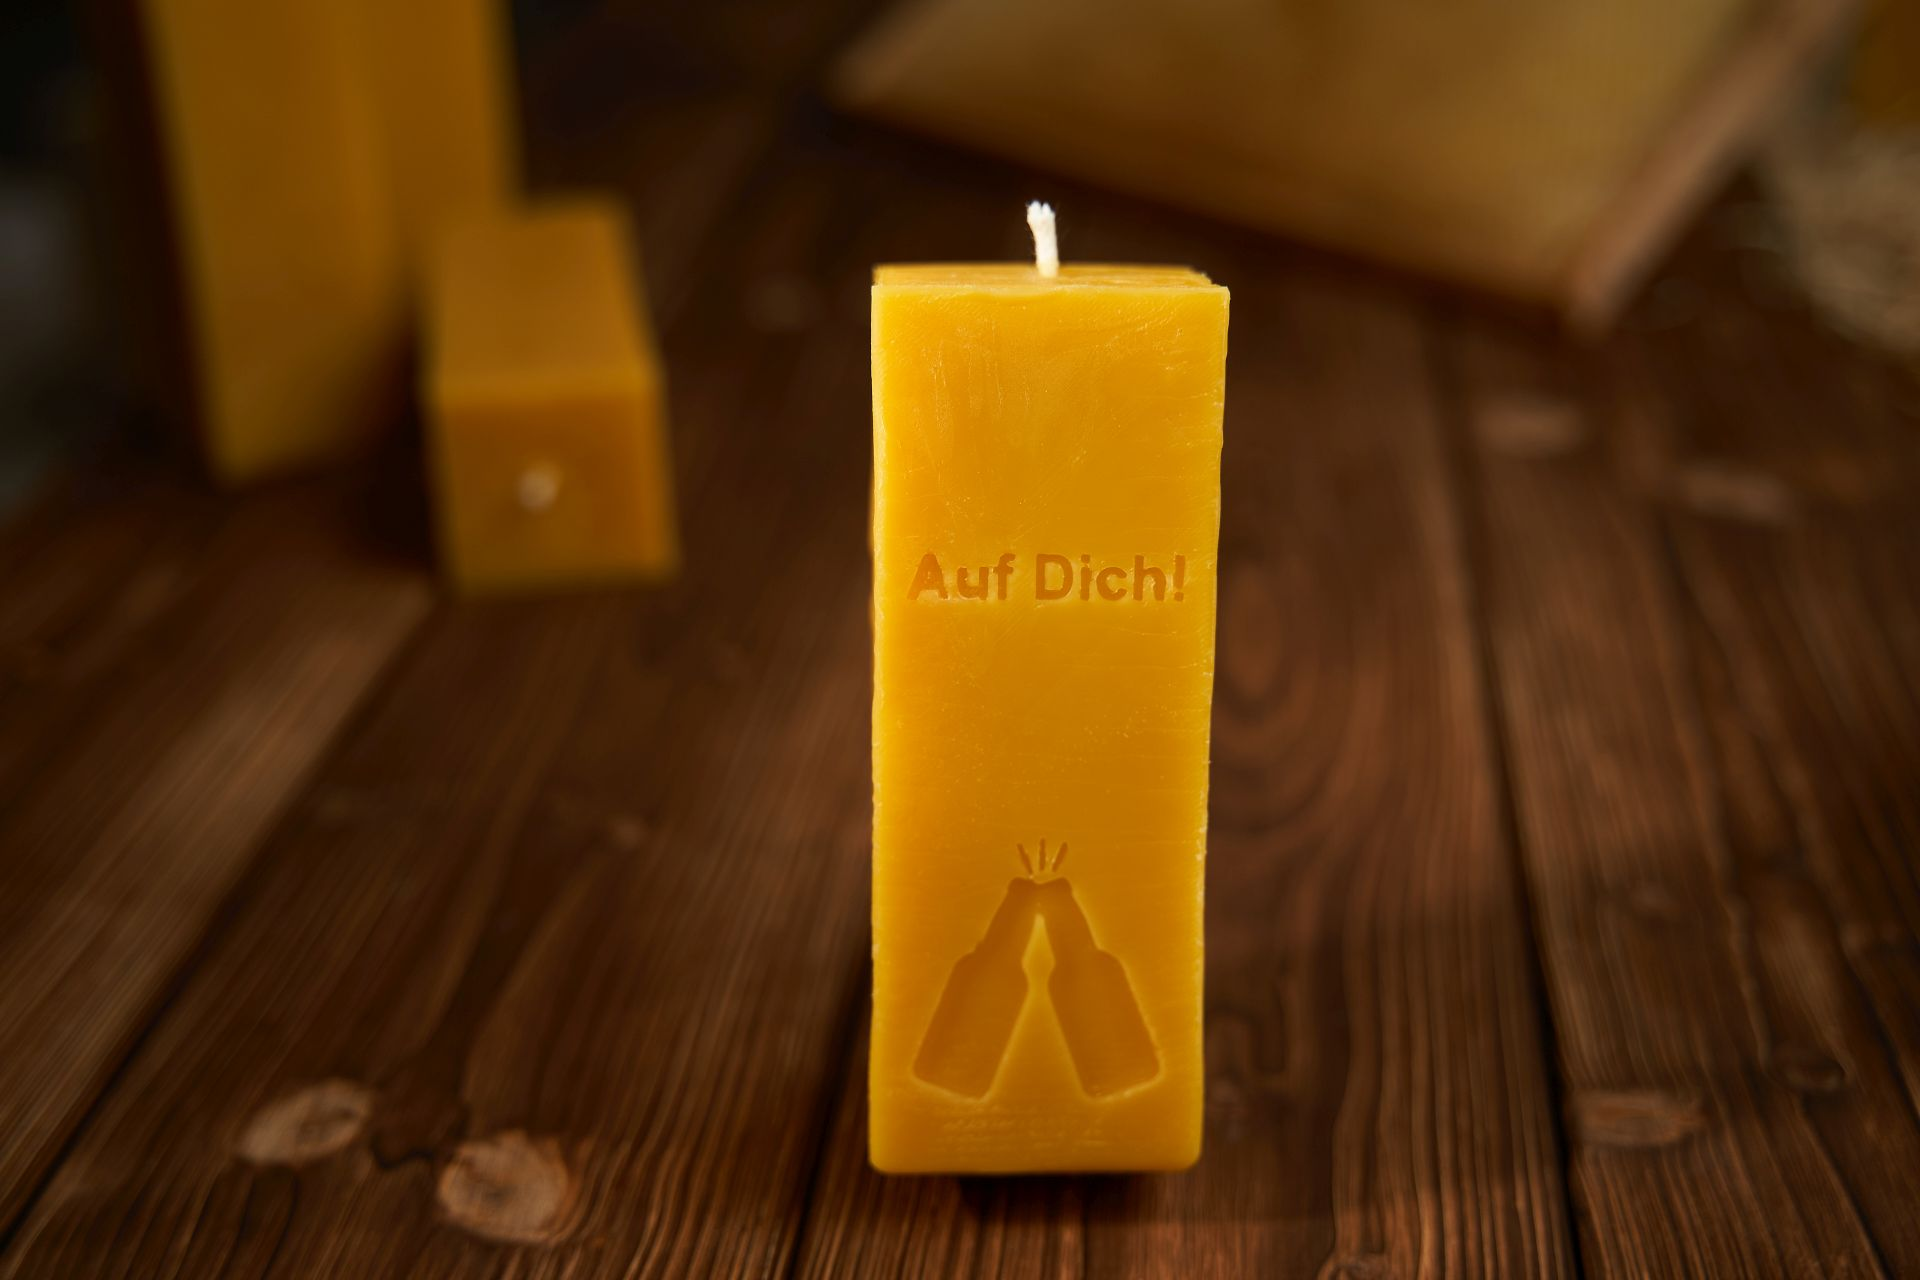 Auf Dich! Kerze (ca. 15cm x 5,5cm) aus 100% Bienenwachs vom Imker